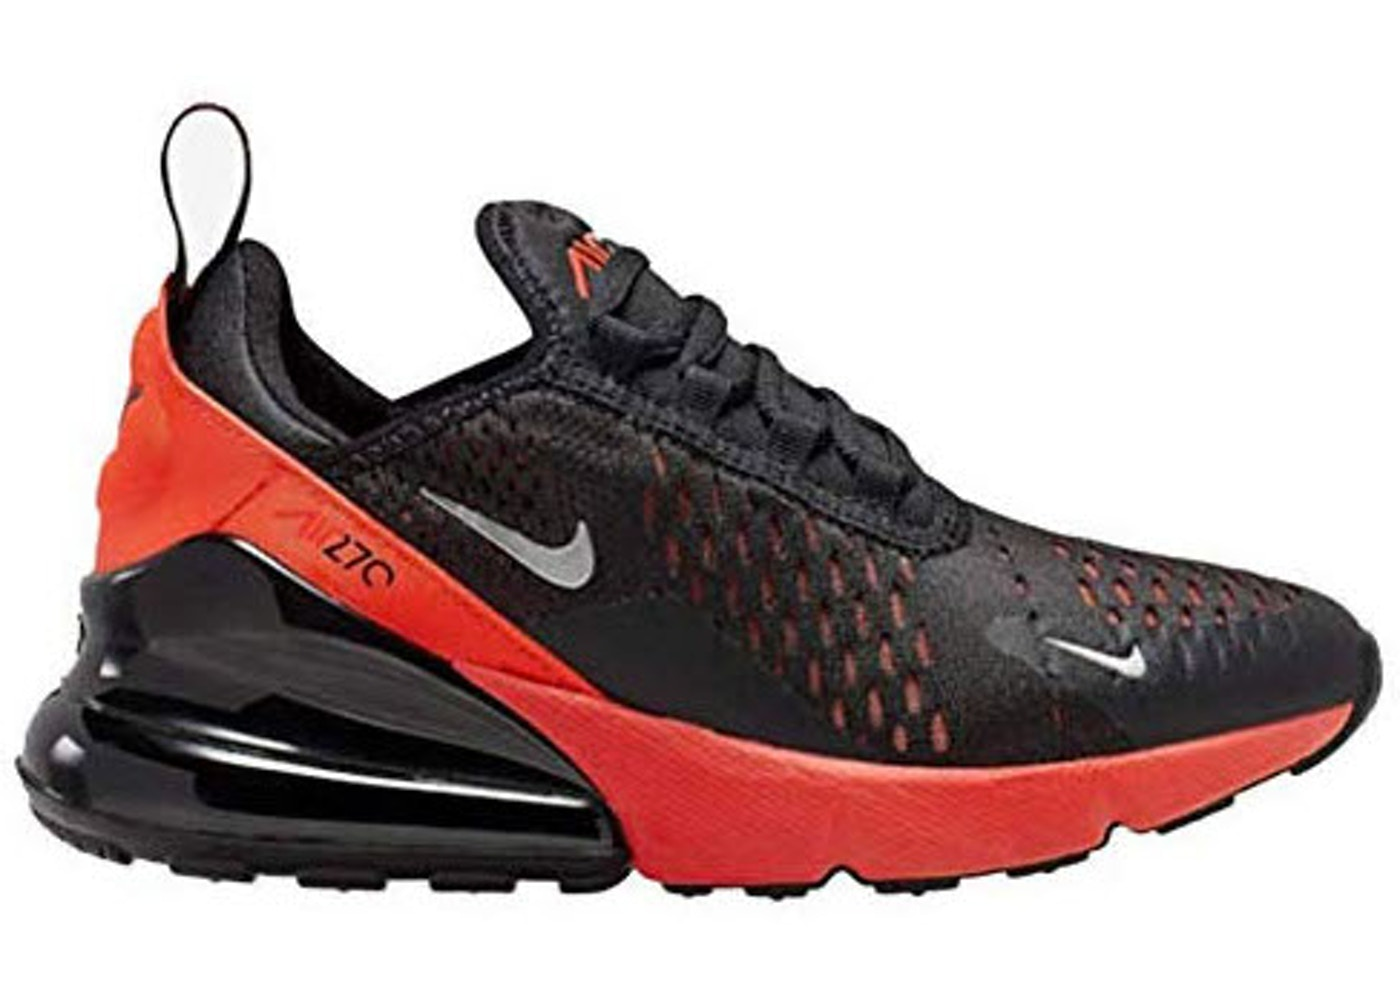 Settlers Svuota il cestino Berri  Nike Air Max 270 Black Bright Crimson (GS) - 943345-018